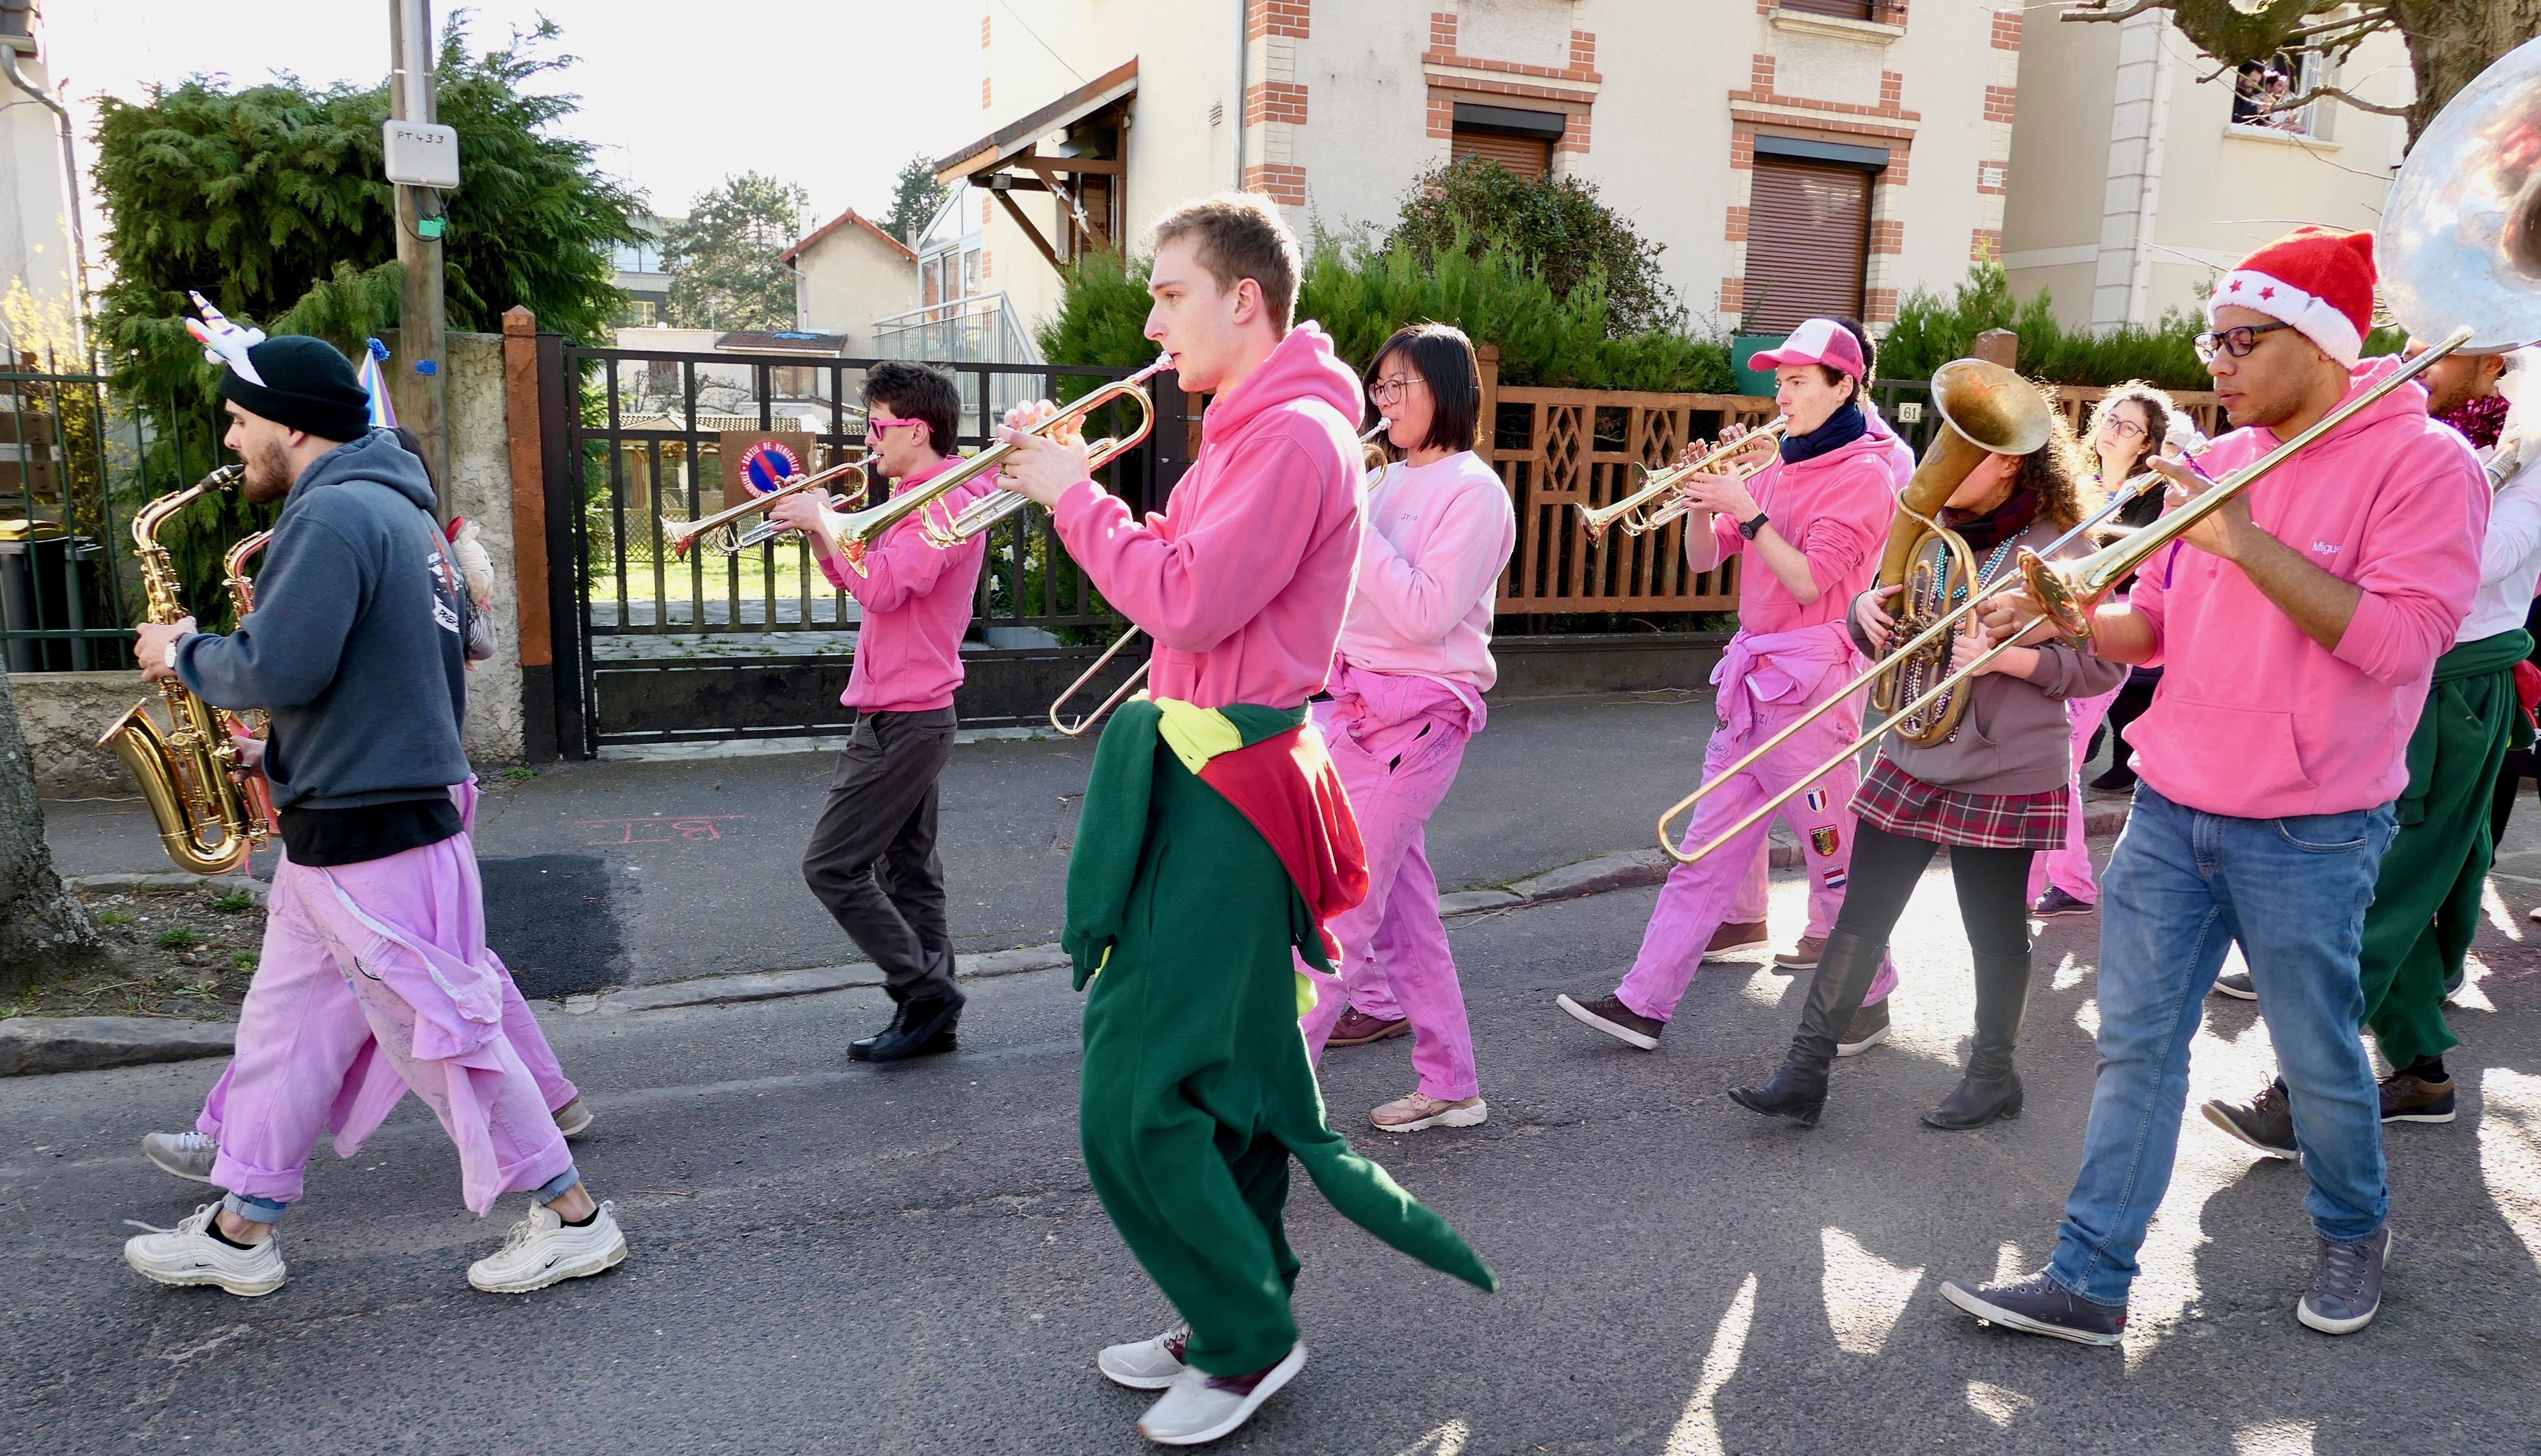 Carnaval Saint-Brice-sous-forêt